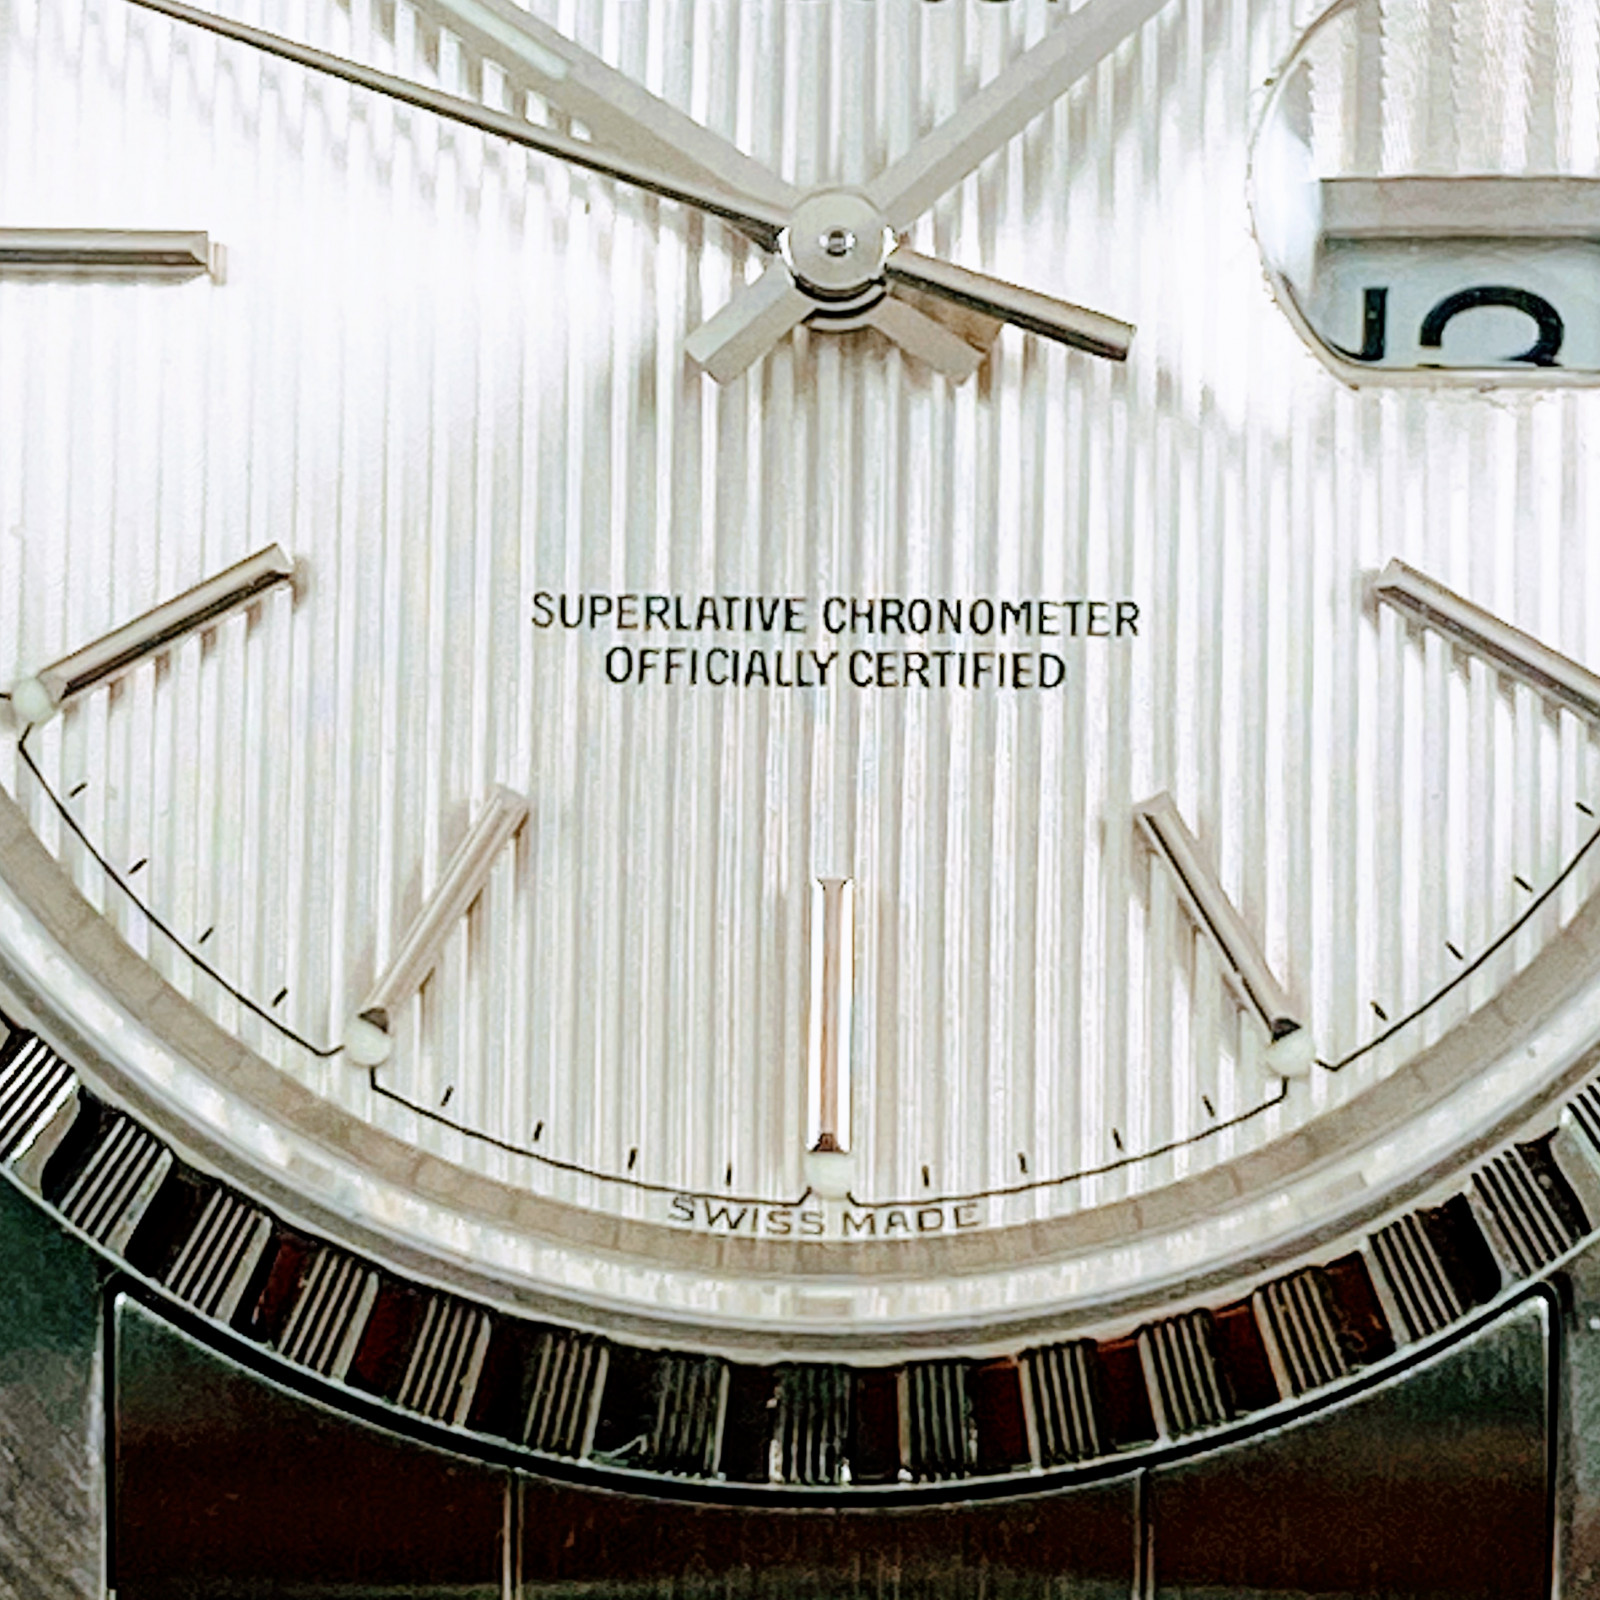 Rolex Datejust 16220 Mint Condition